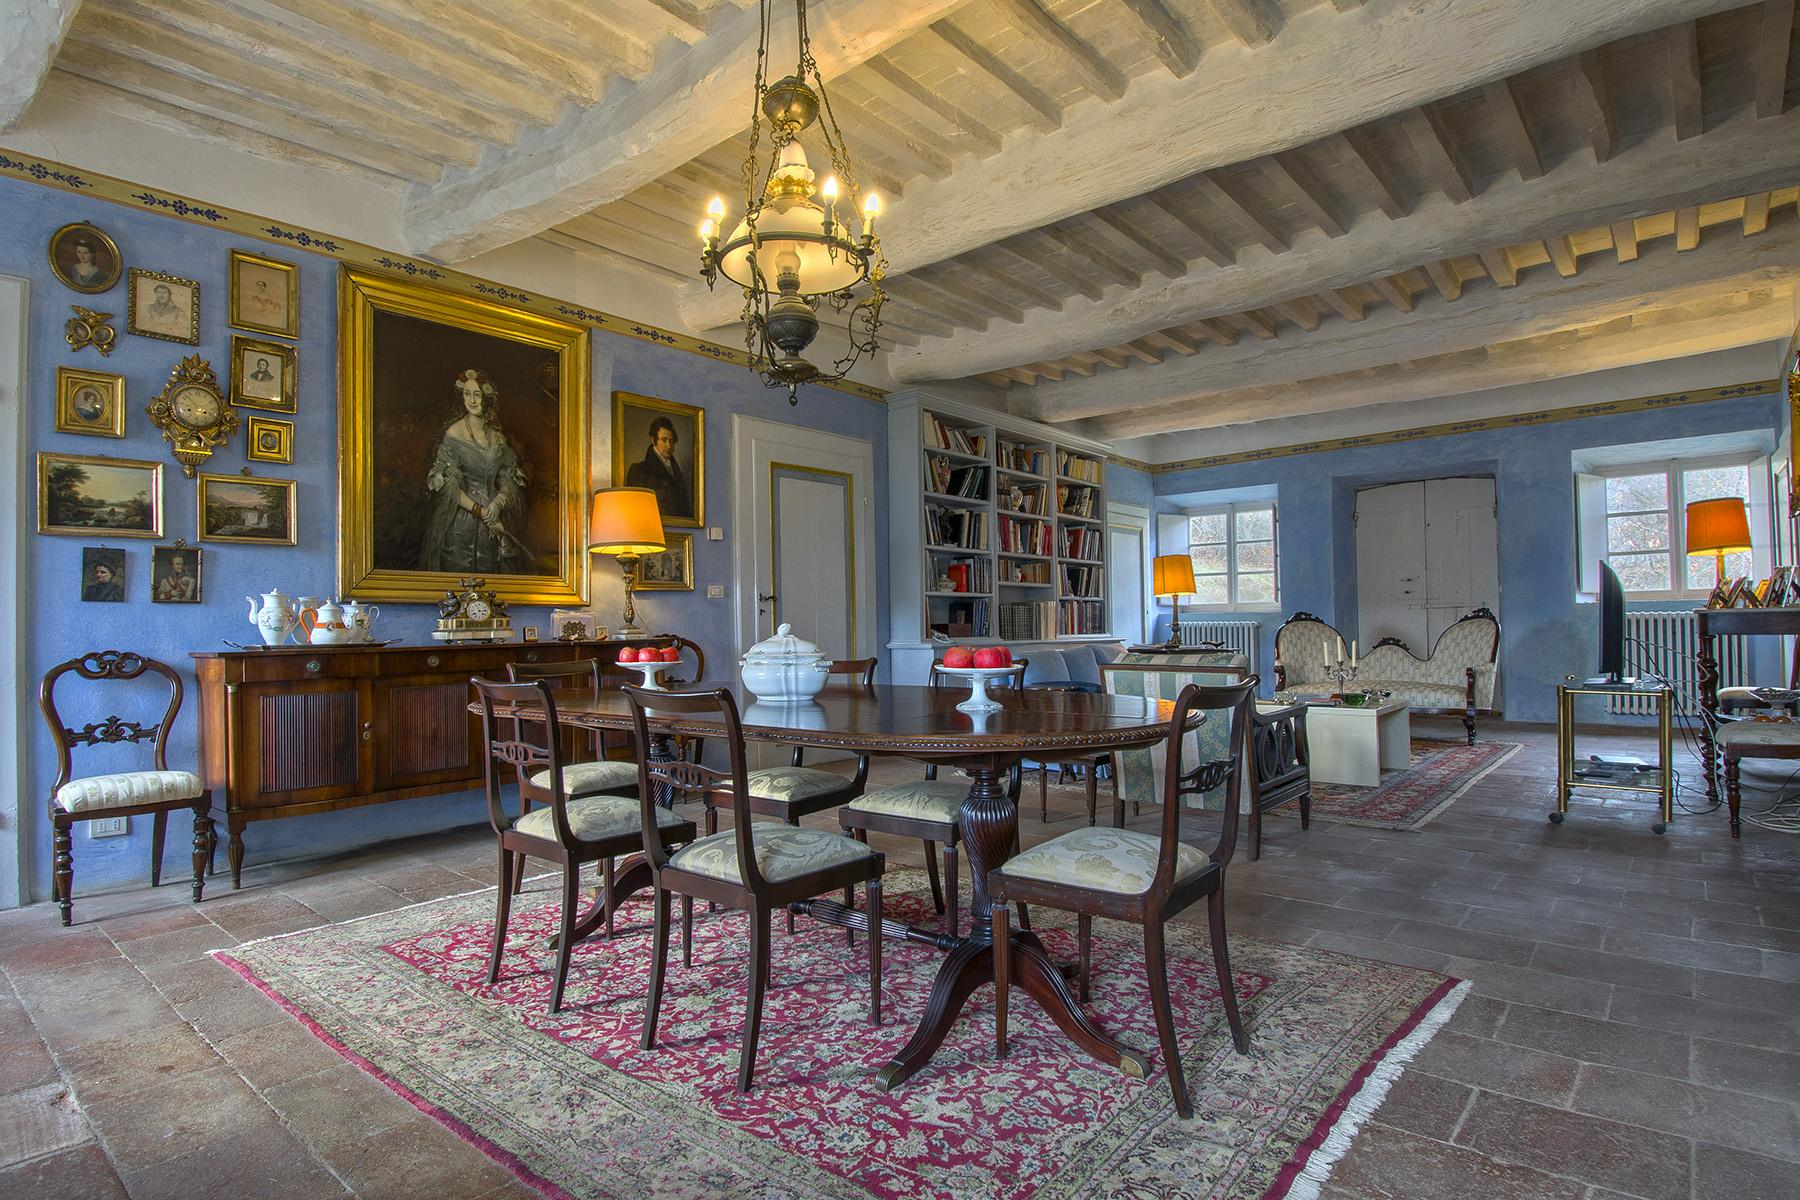 Villa historique près d'un village toscan médiéval - 1